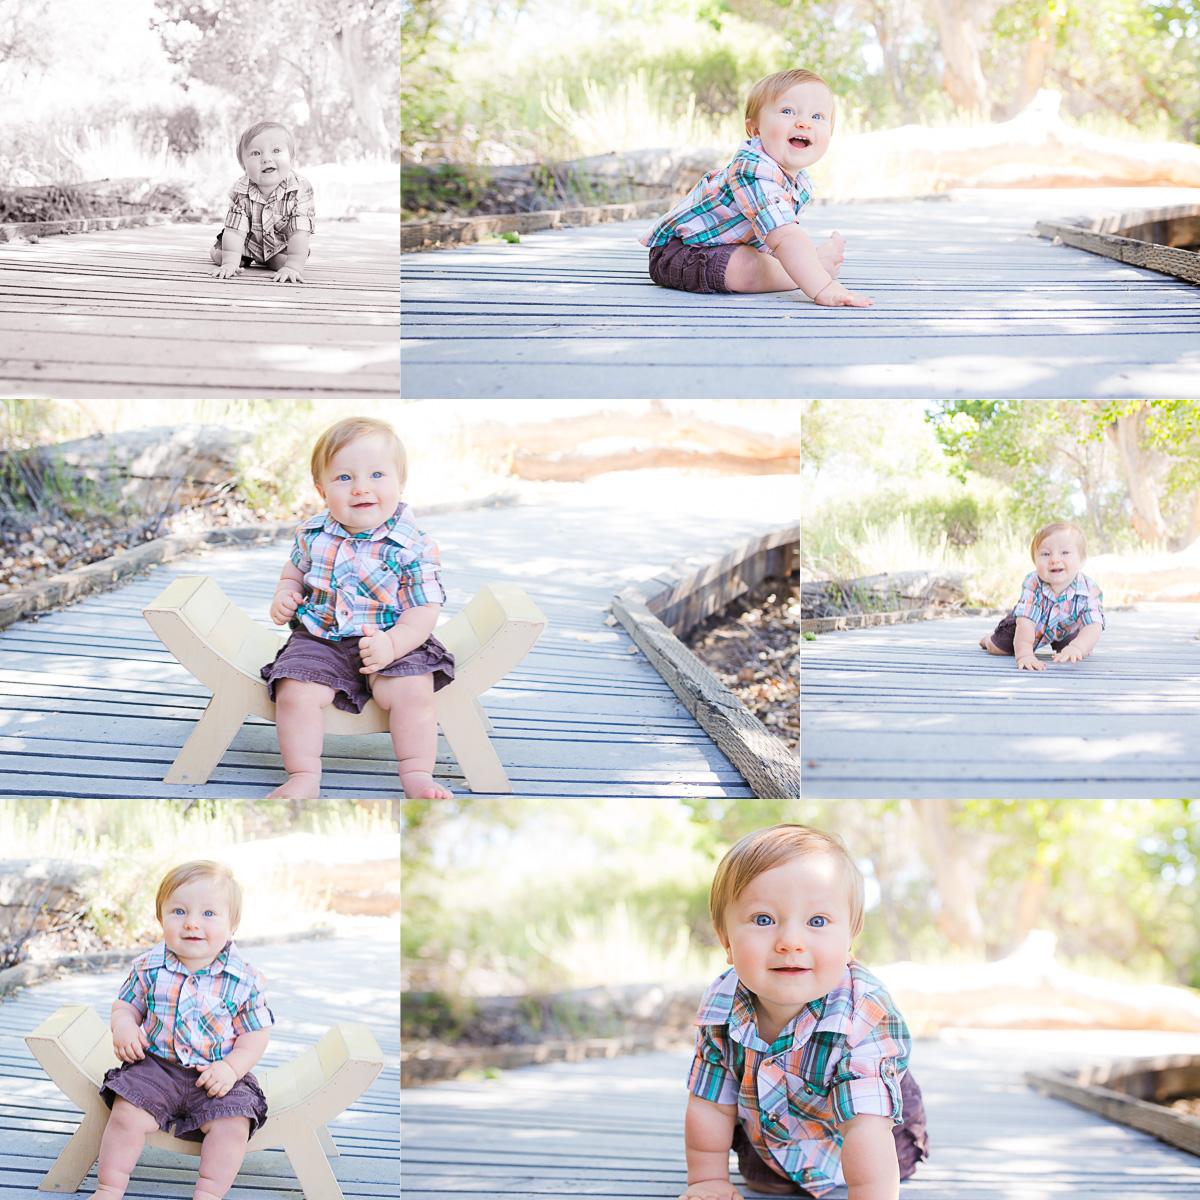 Twentynine Palms Children's  Photography - Yucca Valley Children's Photography - Twentynine Palms Cake Smash Sessions - Yucca Valley Cake Smash Sessions (Rader 1)